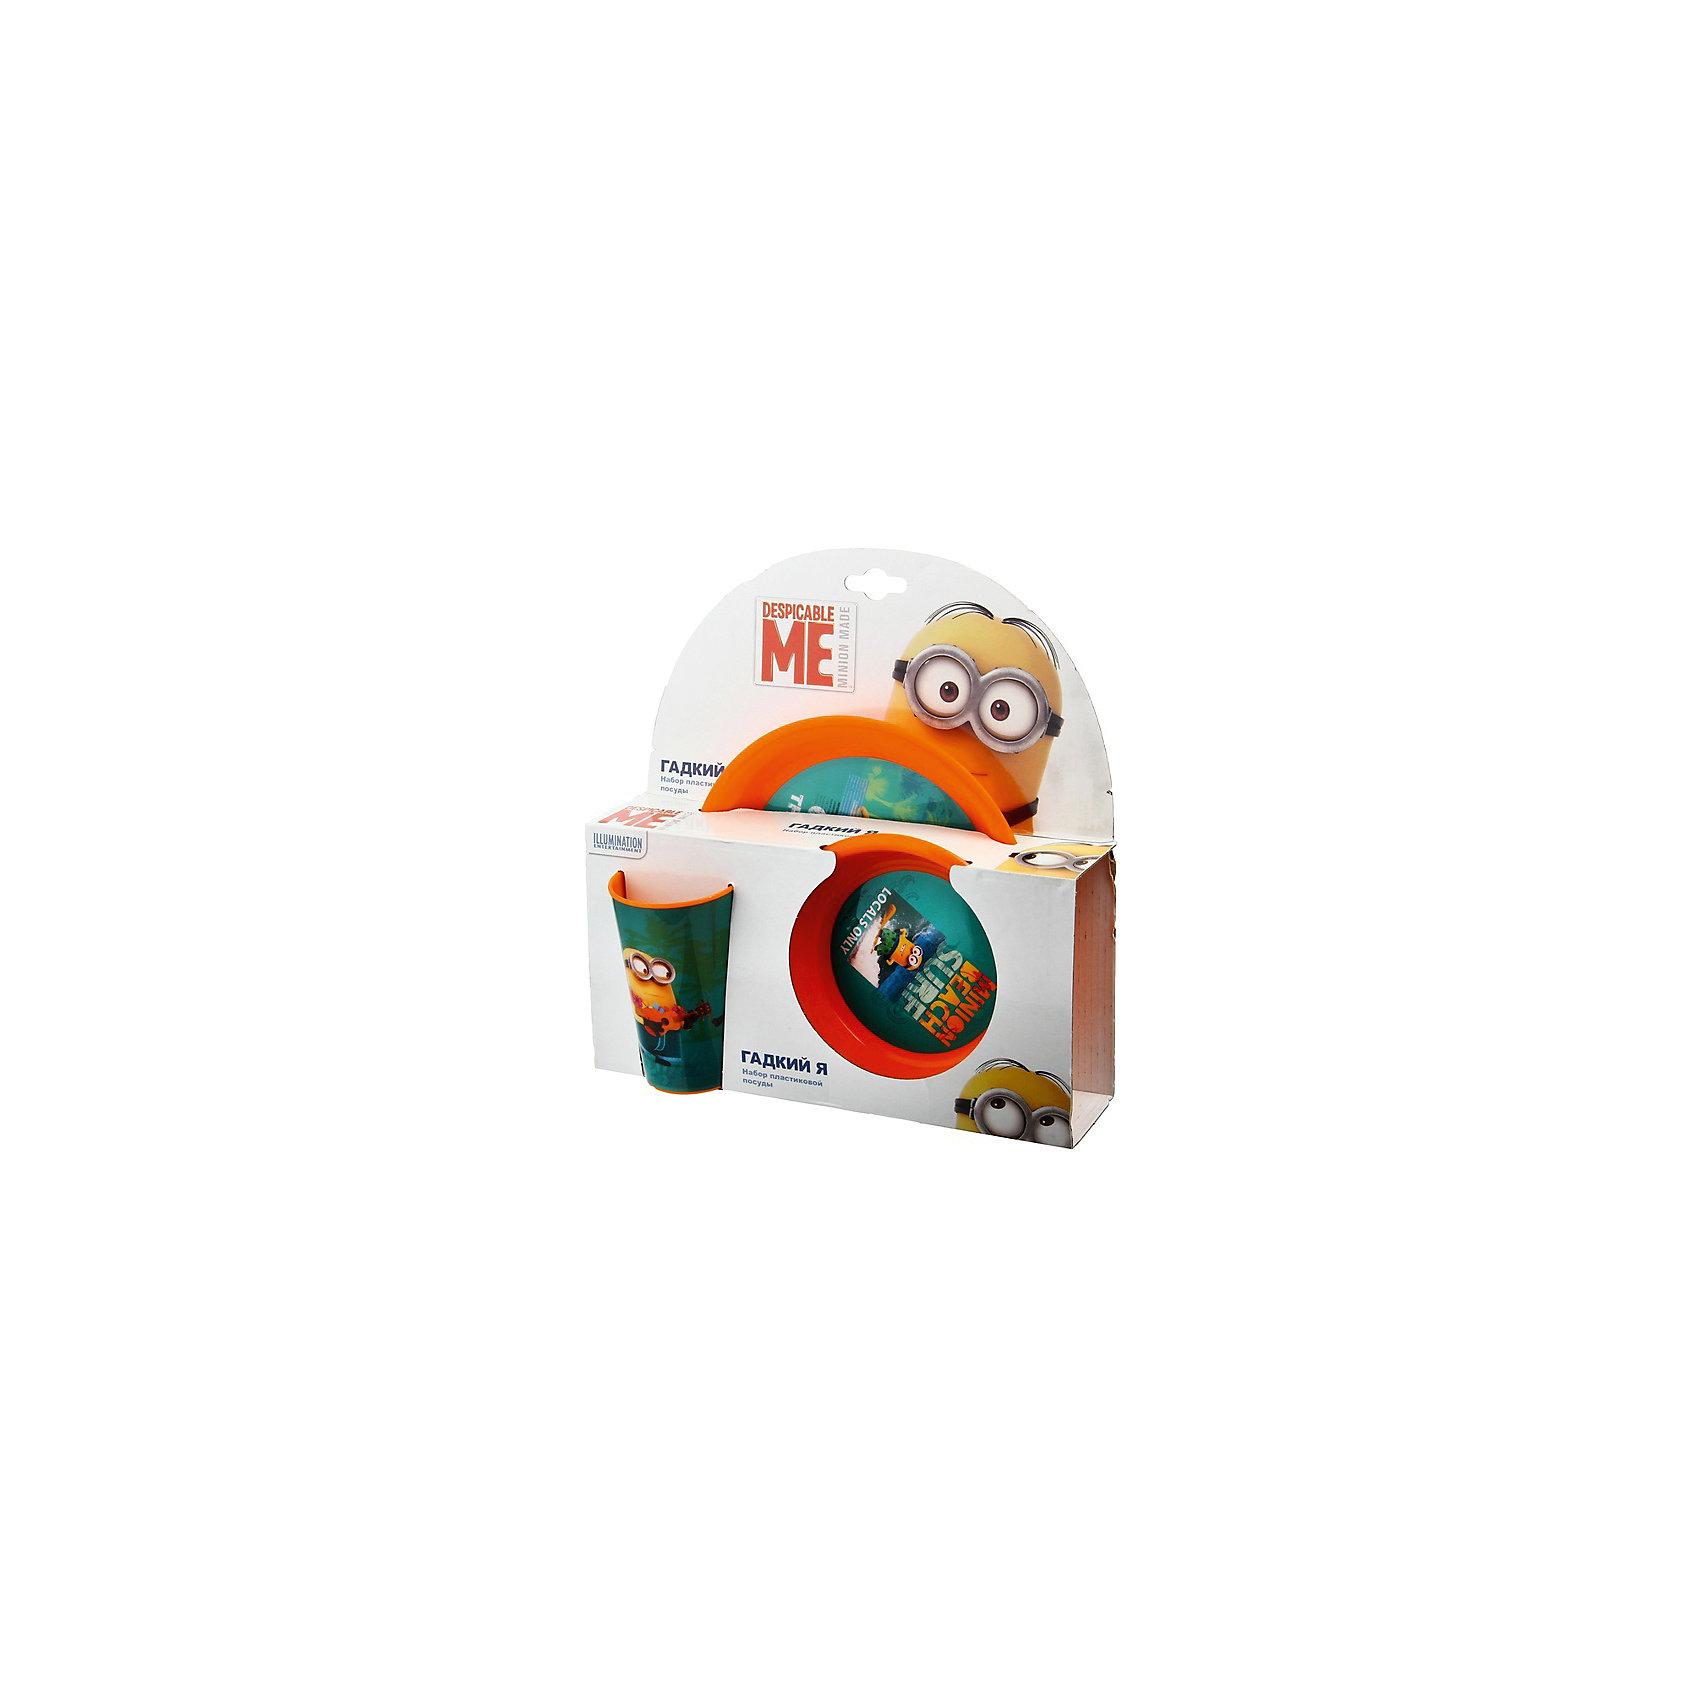 Оранжевый набор посуды (3 предмета), Миньоны